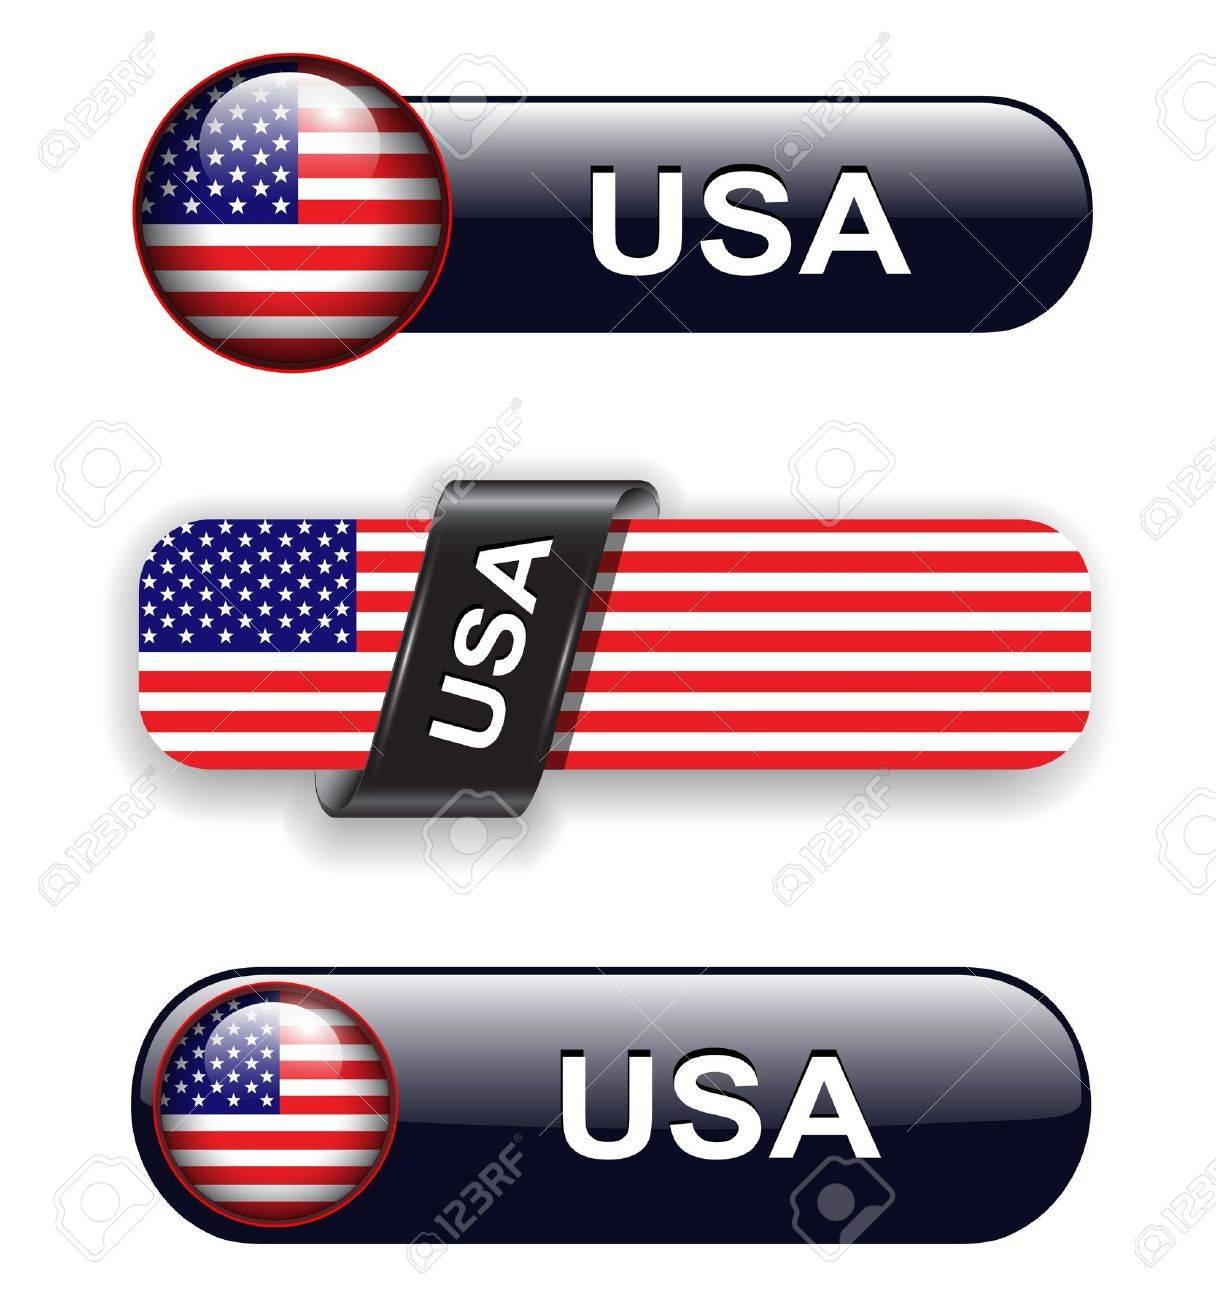 USA, american flag banners, icons theme. Stock Vector - 12905215